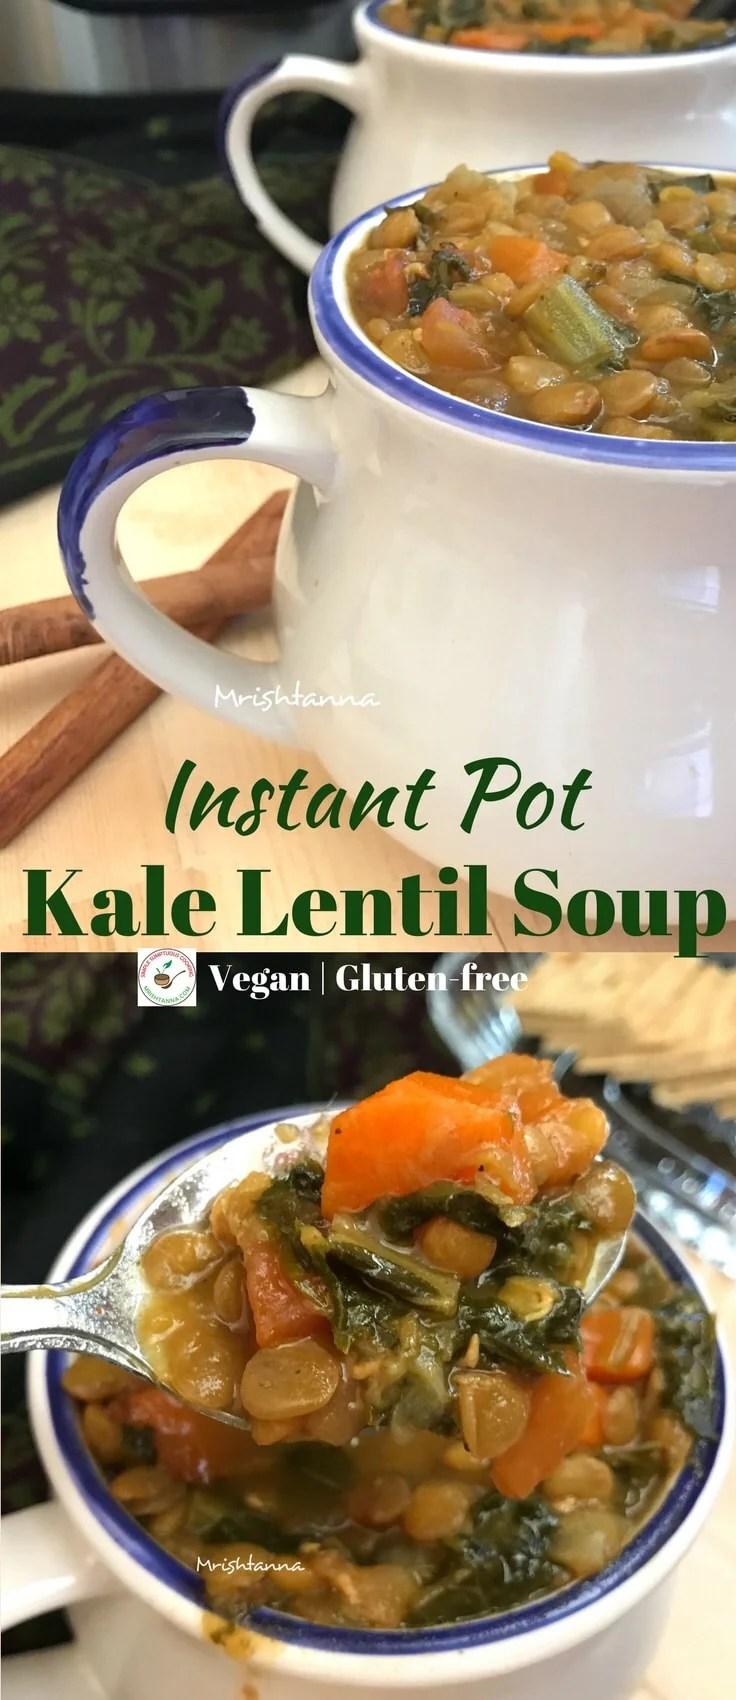 Instant Pot Kale Lentil Soup